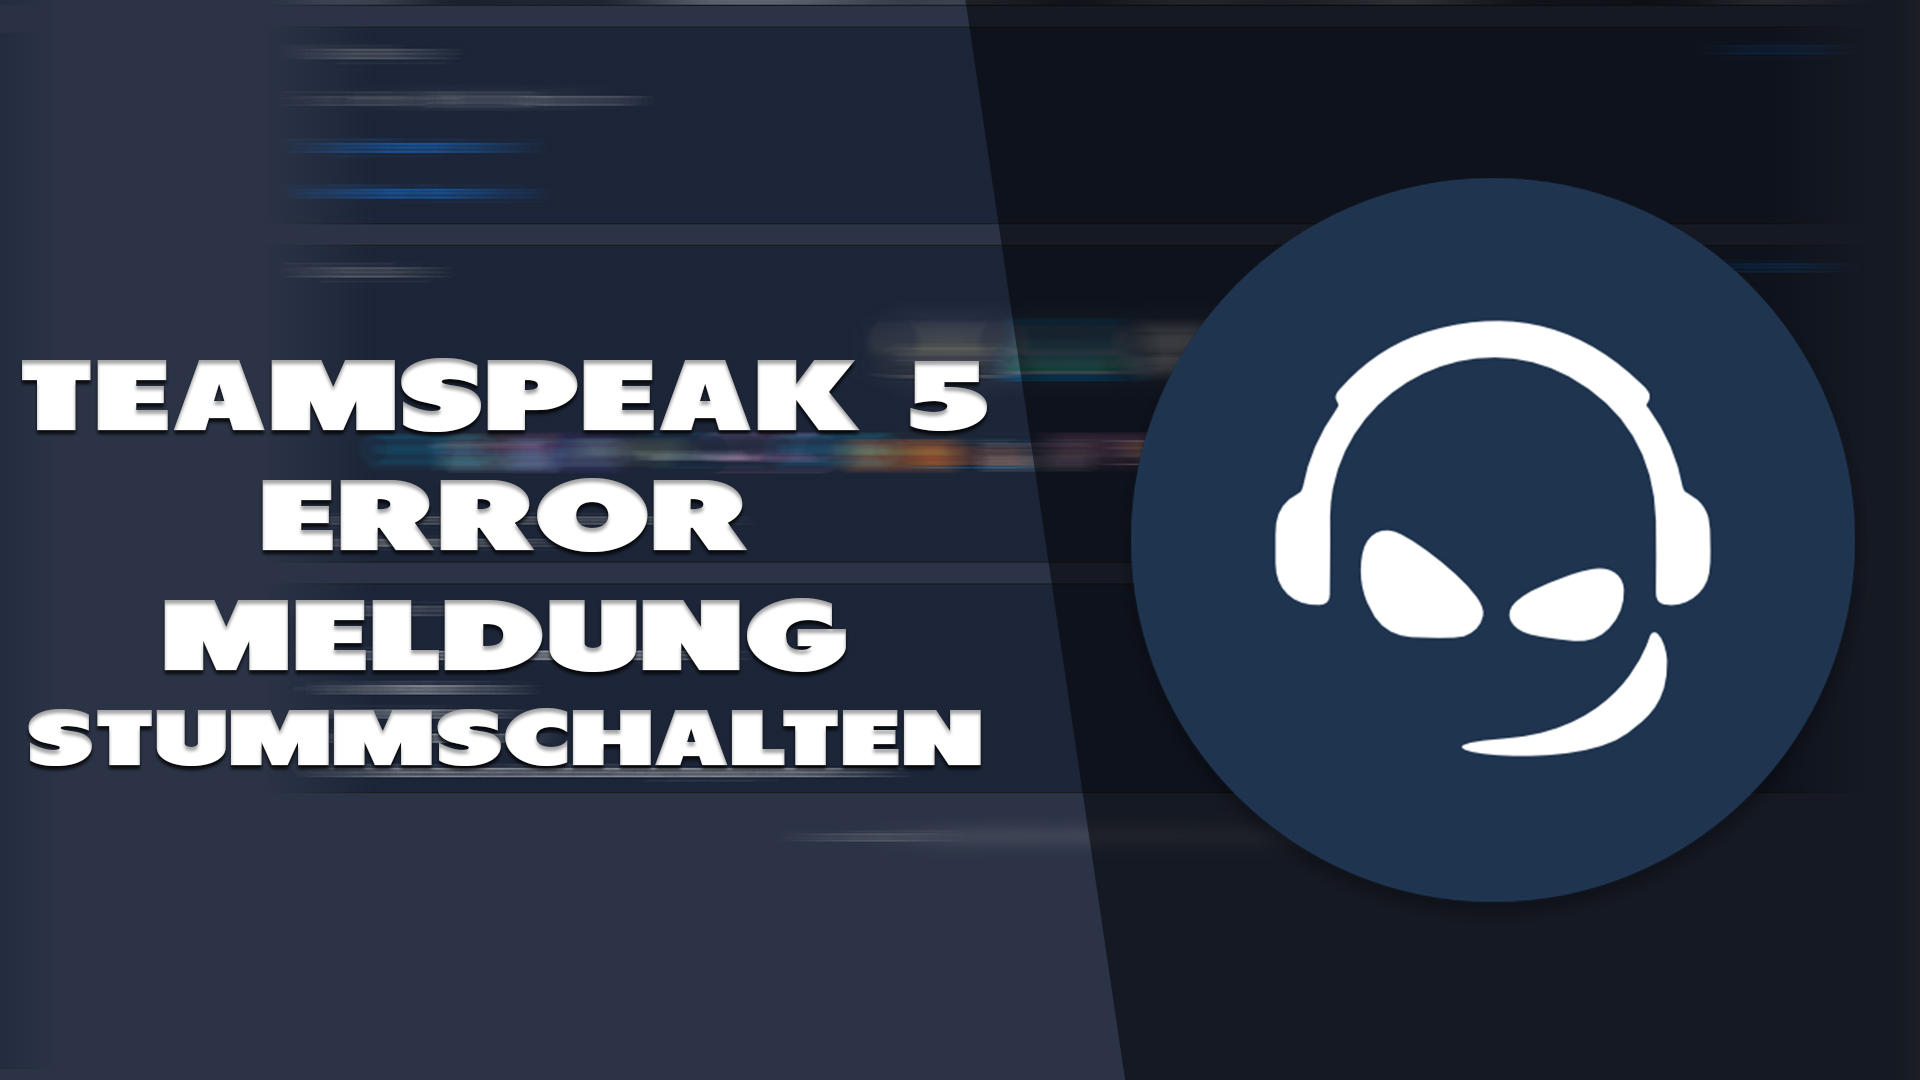 Error Meldung in Teamspeak 5 deaktivieren - Haton.net